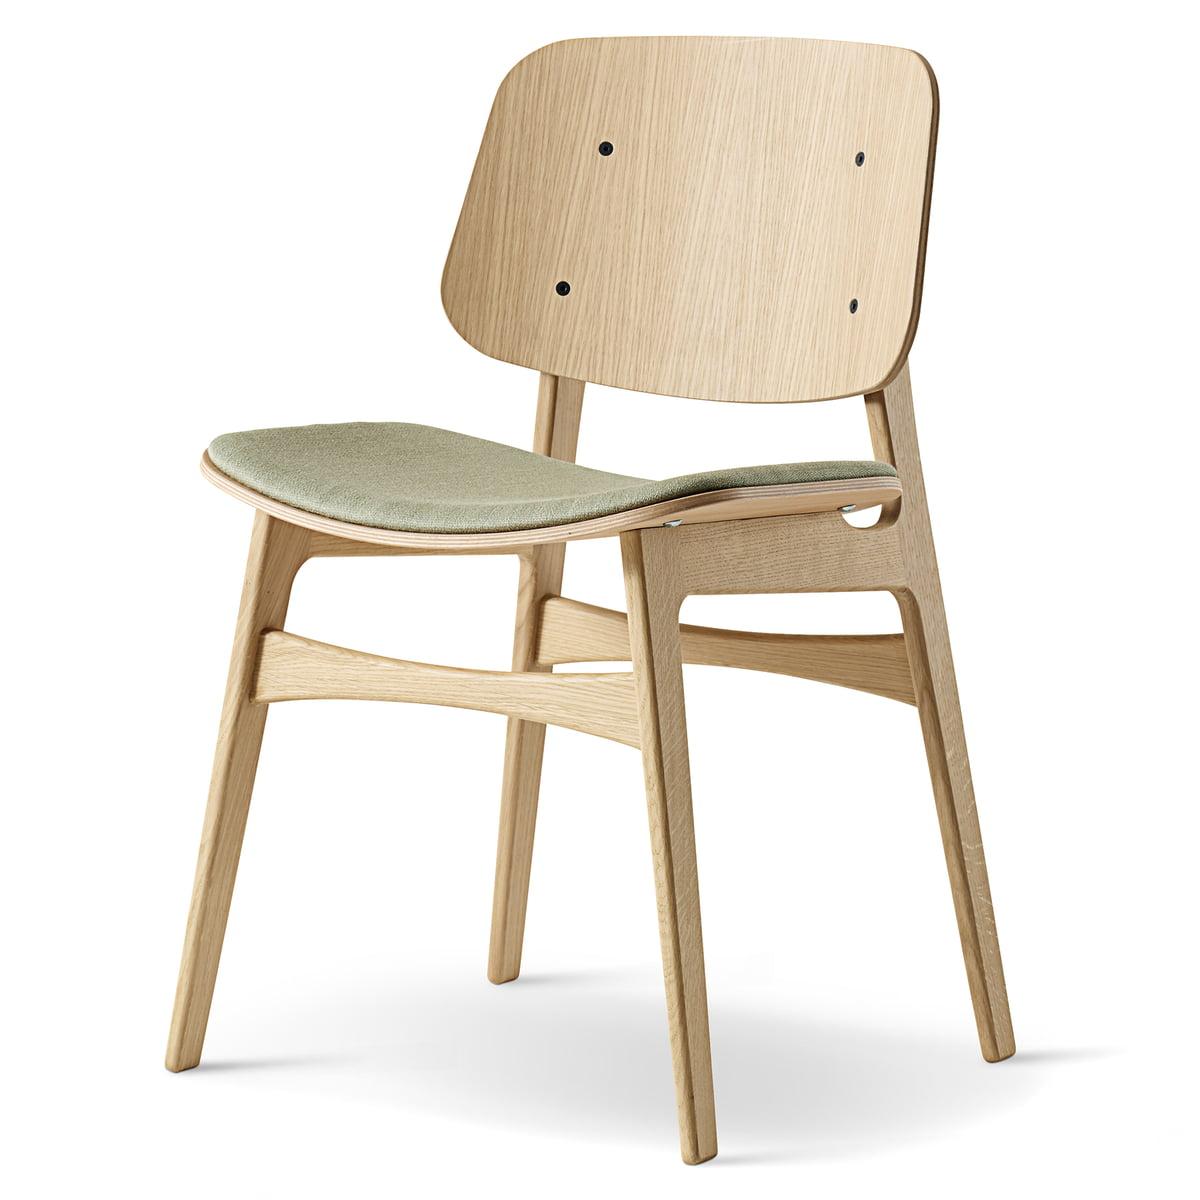 Bemerkenswert Stuhl Gepolstert Referenz Von Søborg Von Fredericia Aus Eiche